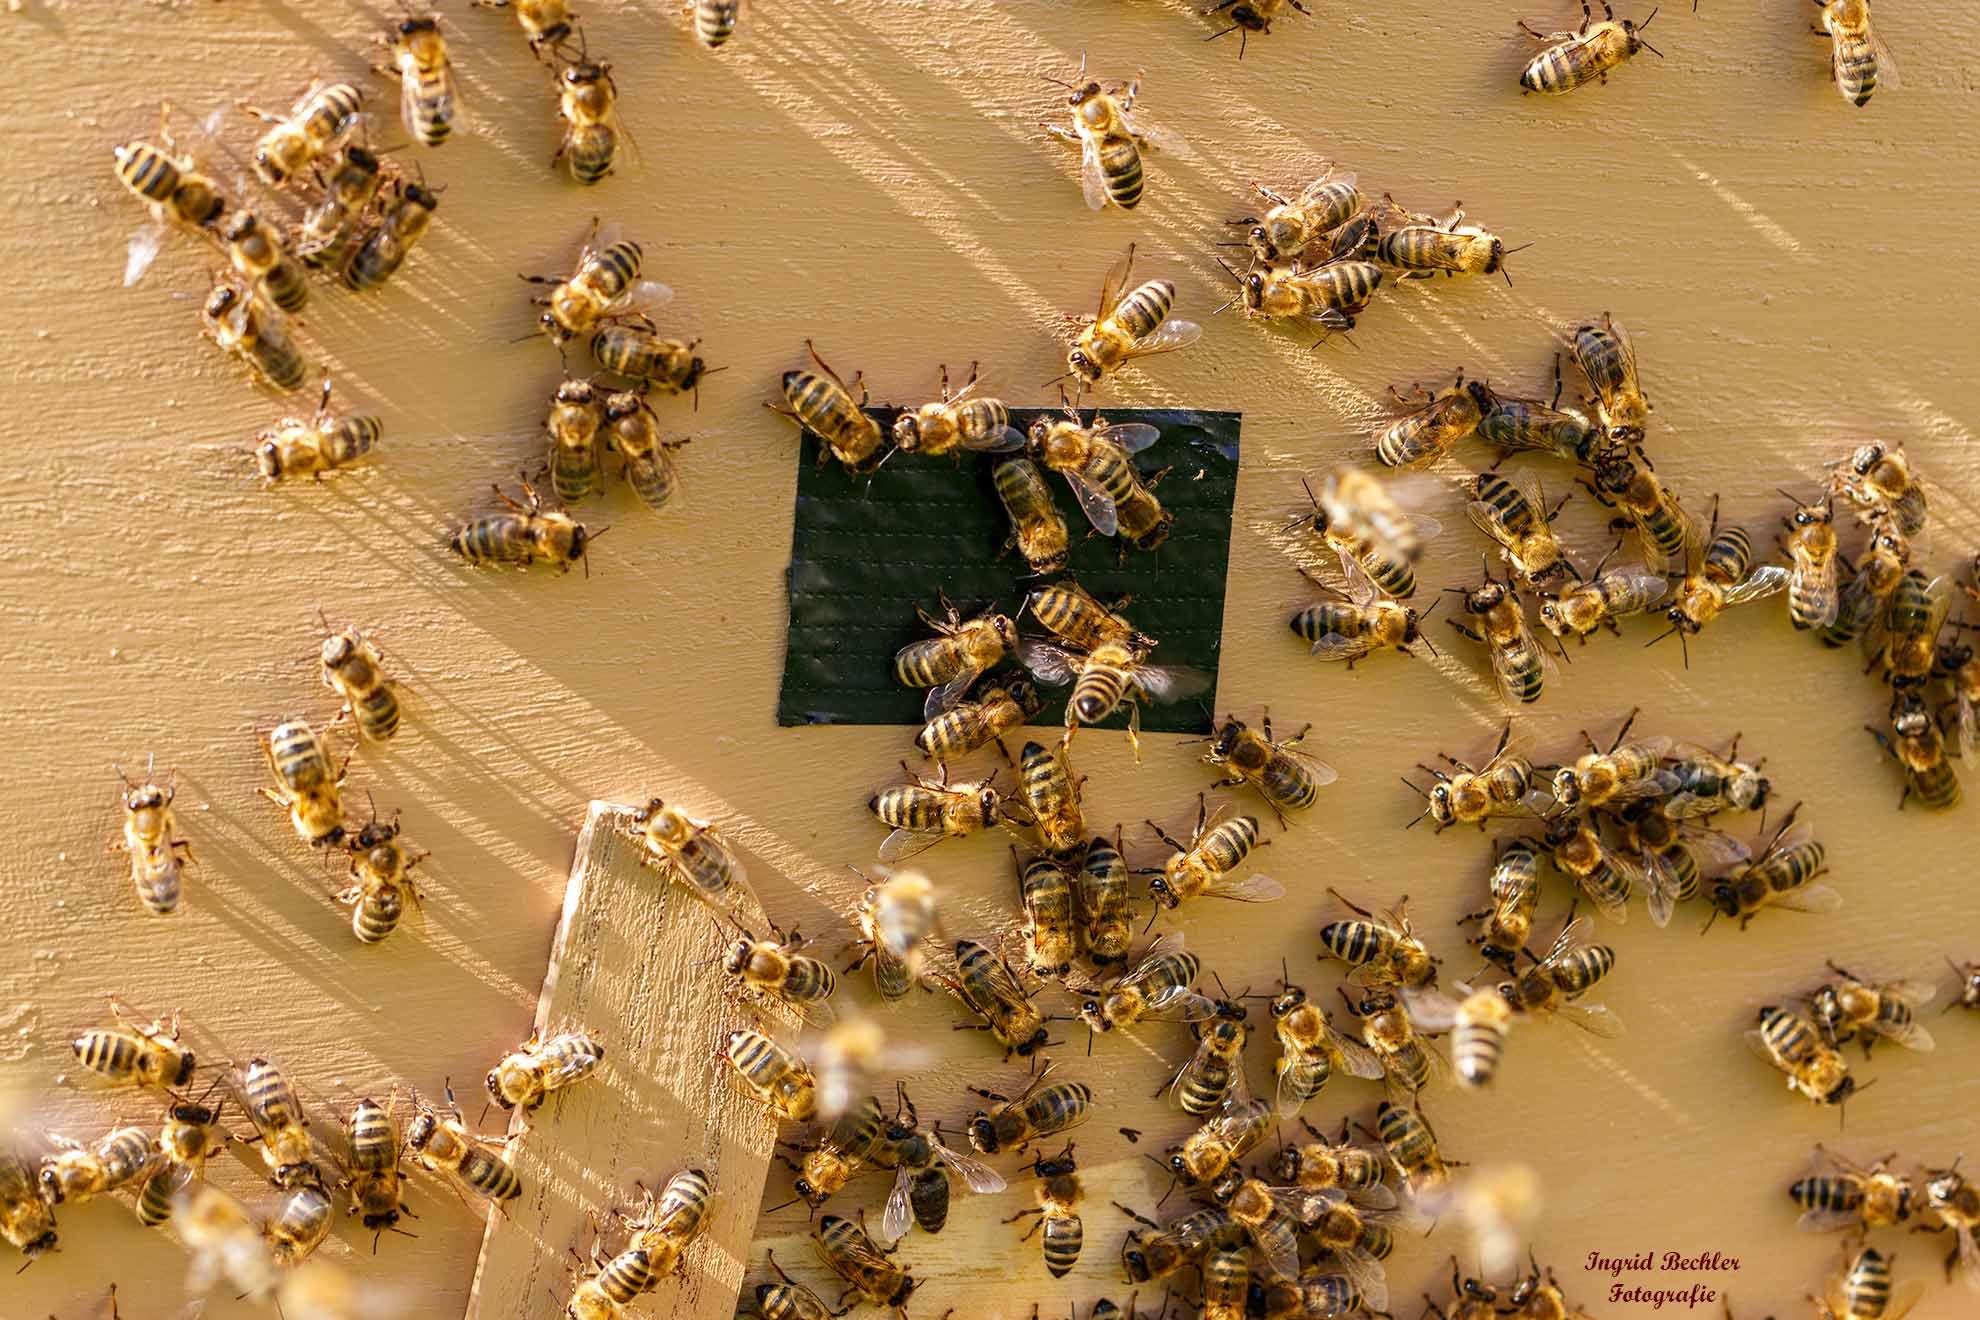 Emsige Honigbienen am Bienenstock (Foto: Ingrid Bechler)